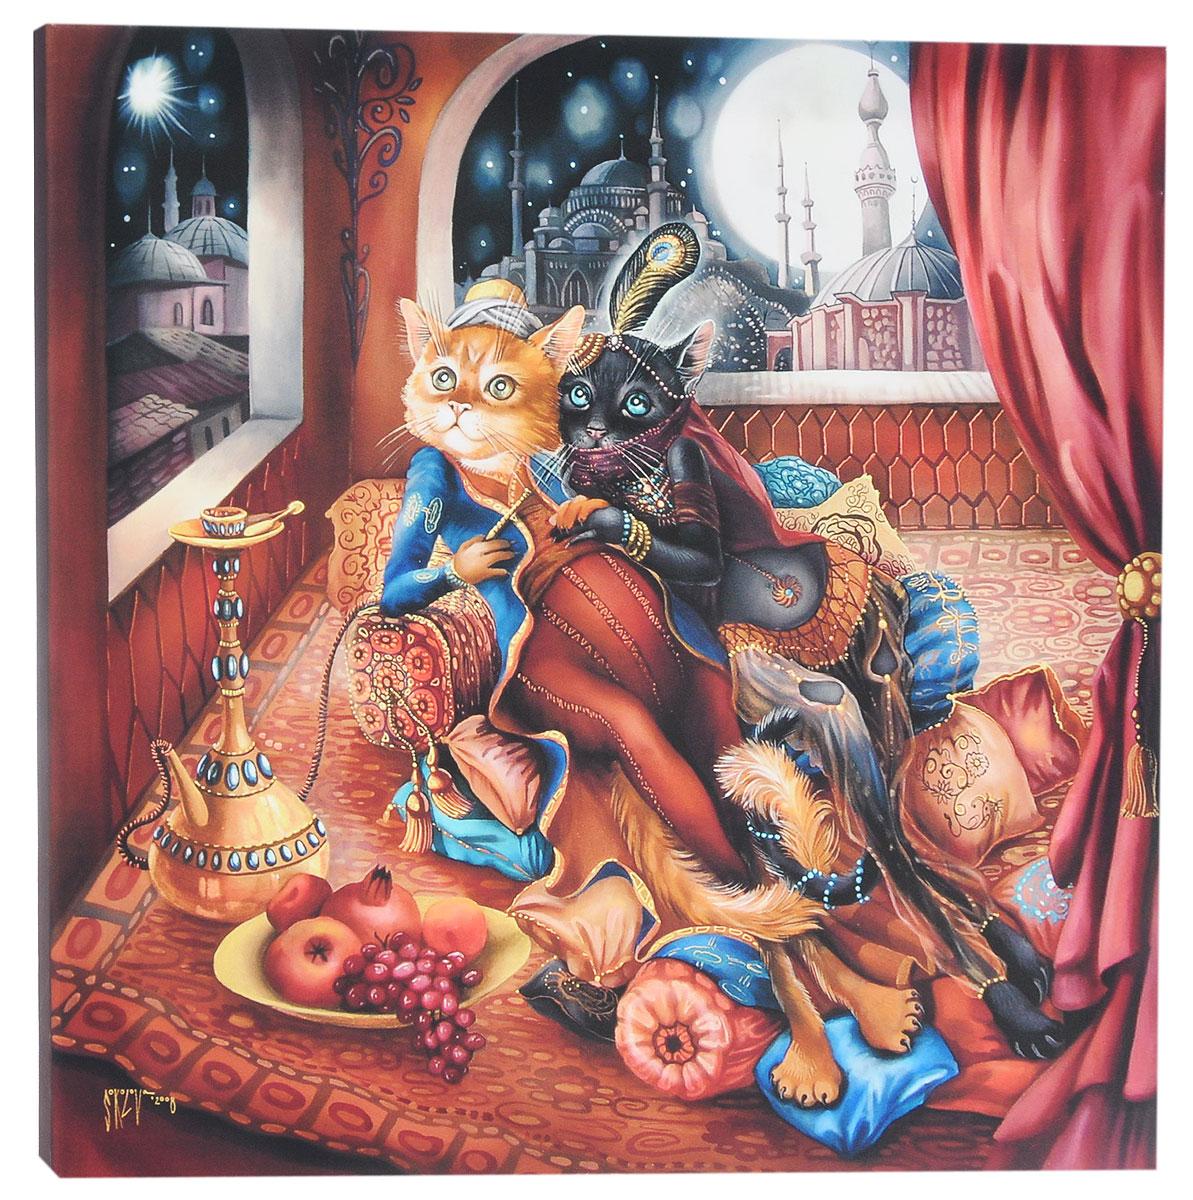 КвикДекор Картина детская Восточная сказкаAP-00801-00017-Cn5050Картина КвикДекор Восточная сказка - это прекрасное украшение для вашей гостиной, детской или спальни. Она привнесет в интерьер яркий акцент и сделает обстановку комфортной и уютной. Автор картины - Надежда Соколова - родилась в 1973 году в городе Дрездене. В 1986-1990 годах училась в Художественной школе города Новгорода. В 1995 году окончила с отличием рекламное отделение Новгородского училища культуры. В 2000 году защитила диплом на факультете Искусств и Технологий НовГУ имени Ярослава Мудрого. Выставляется с 1996 года. Работает в техниках: живопись, графика, батик, лаковая миниатюра, авторская кукла. Является автором оригинального стиля в миниатюре. Изделие представляет собой картину с латексной печатью на натуральном хлопчатобумажном холсте. Галерейная натяжка на деревянный подрамник выполнена очень аккуратно, а боковые части картины запечатаны тоновой заливкой. Обратная сторона подрамника содержит отверстие, благодаря которому картину можно легко закрепить на стене и...